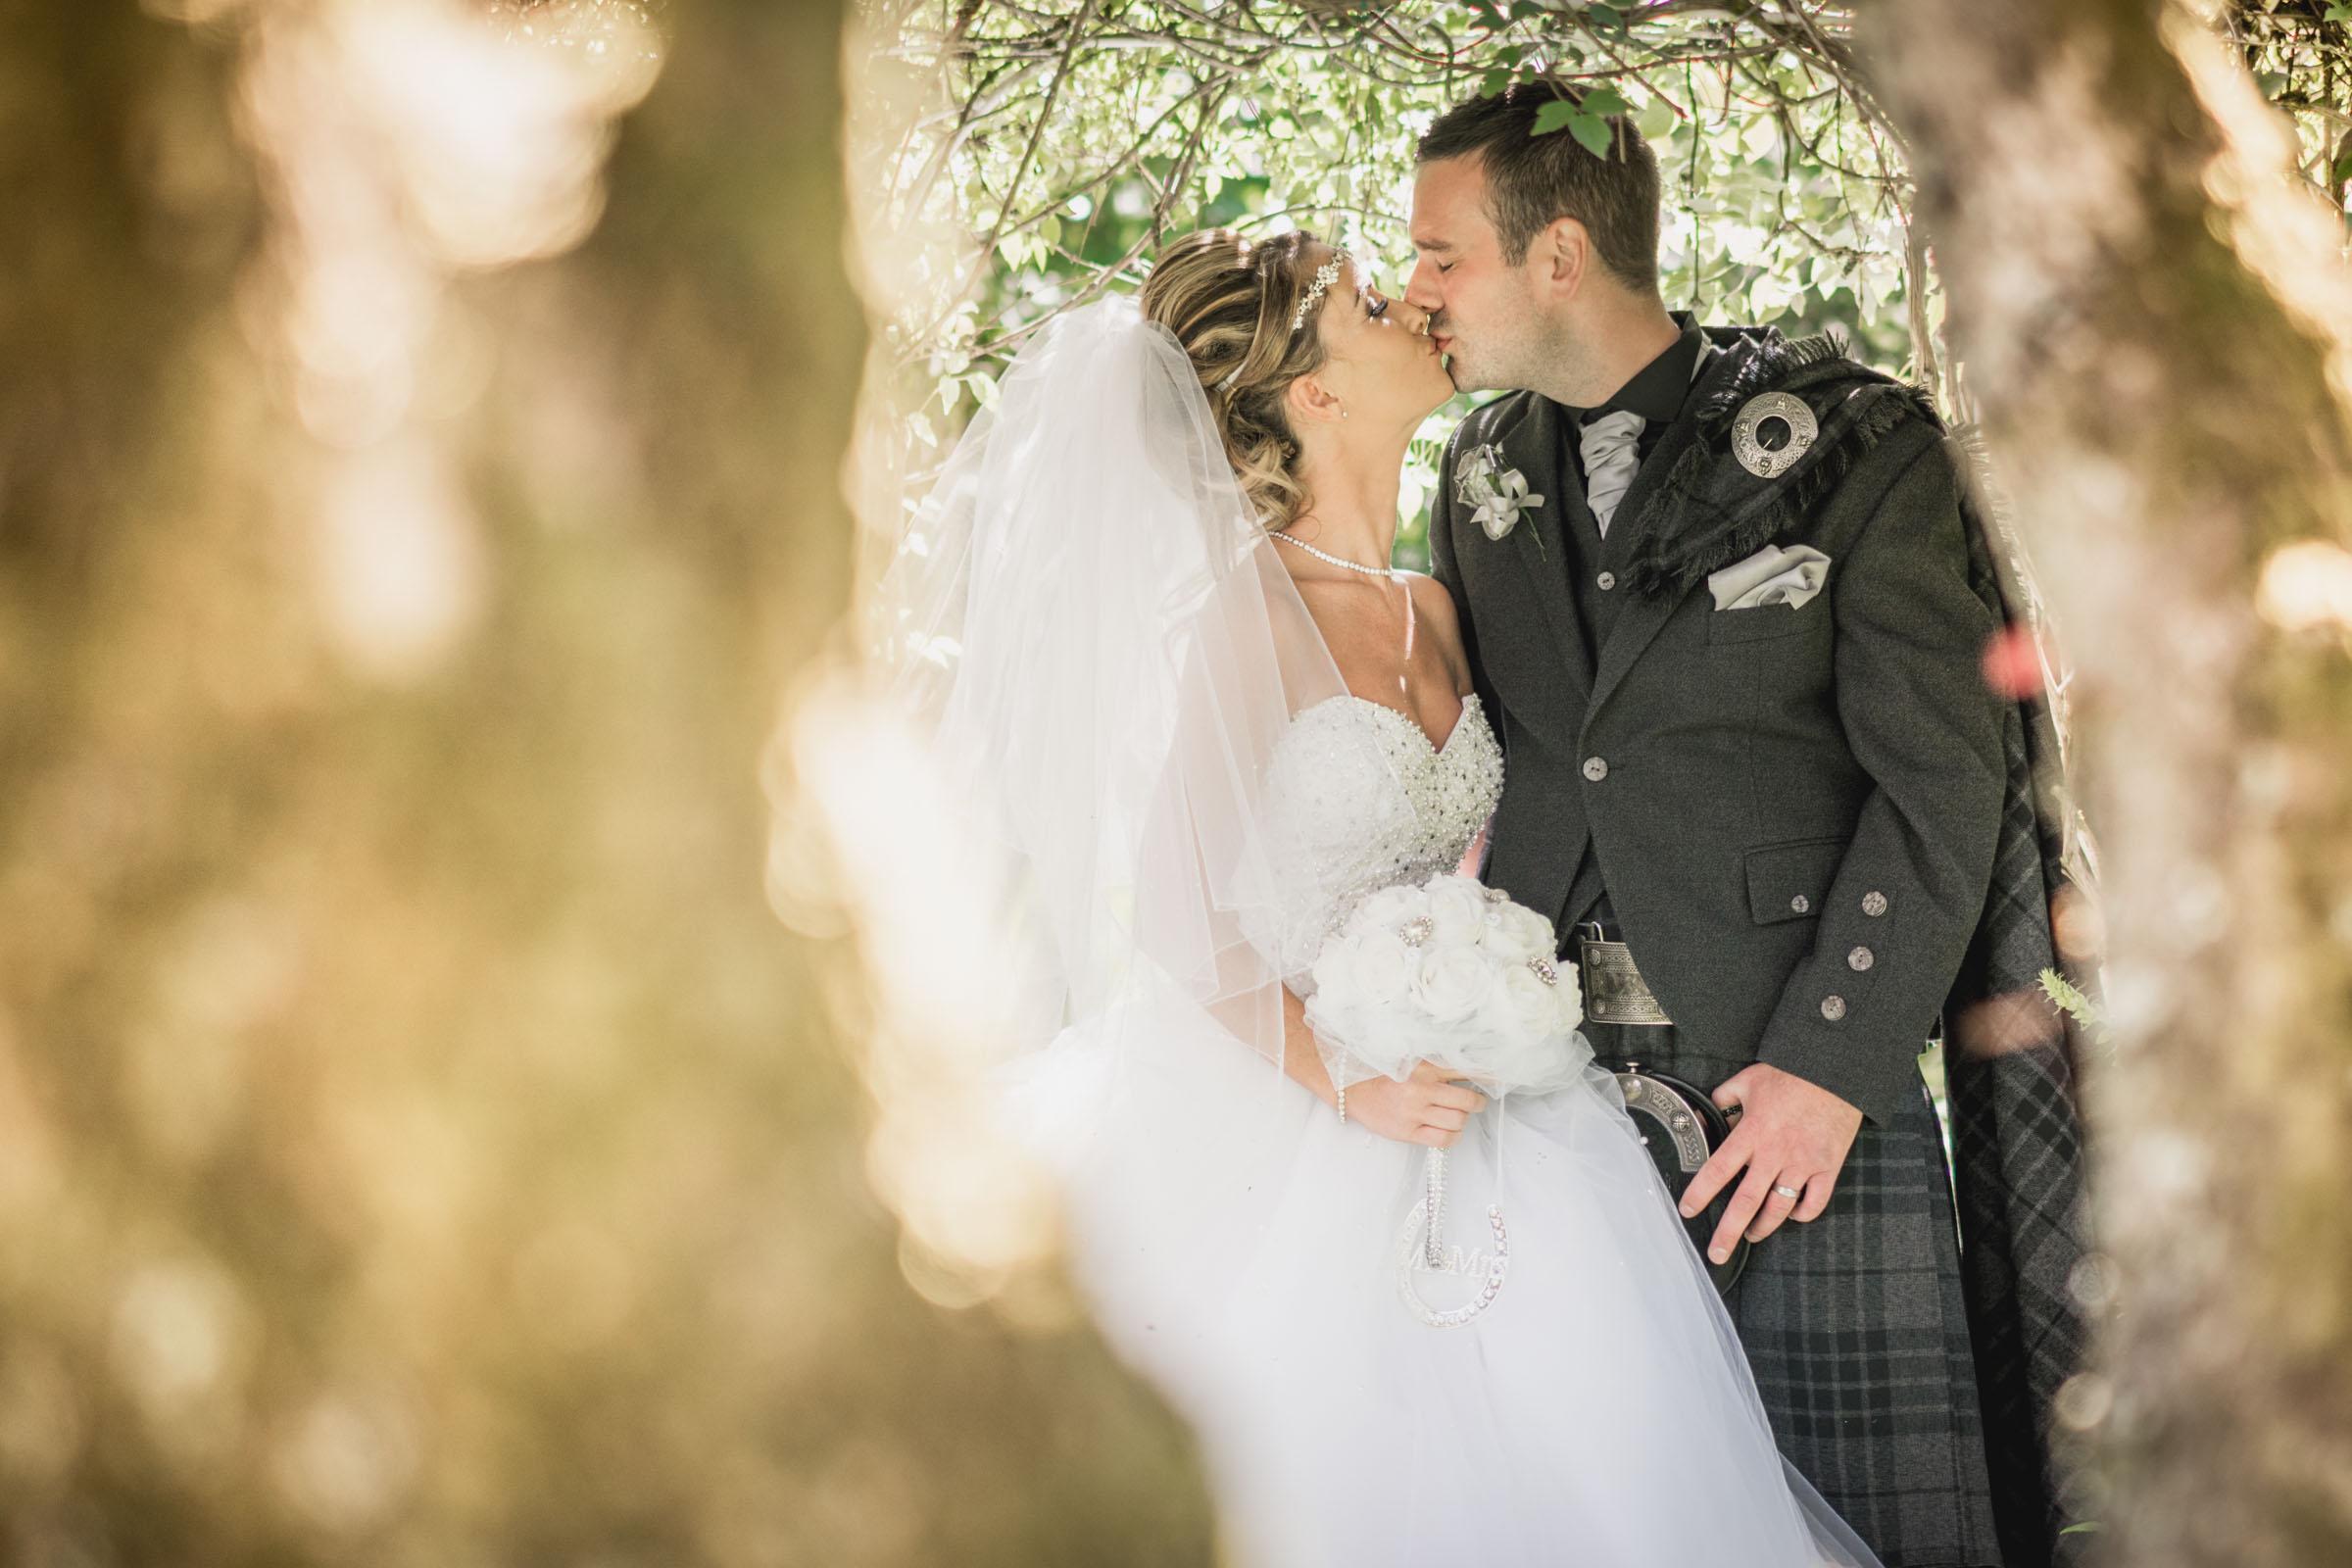 dalmeny-park-glasgow-wedding-dearlyphotography (12 of 16).jpg